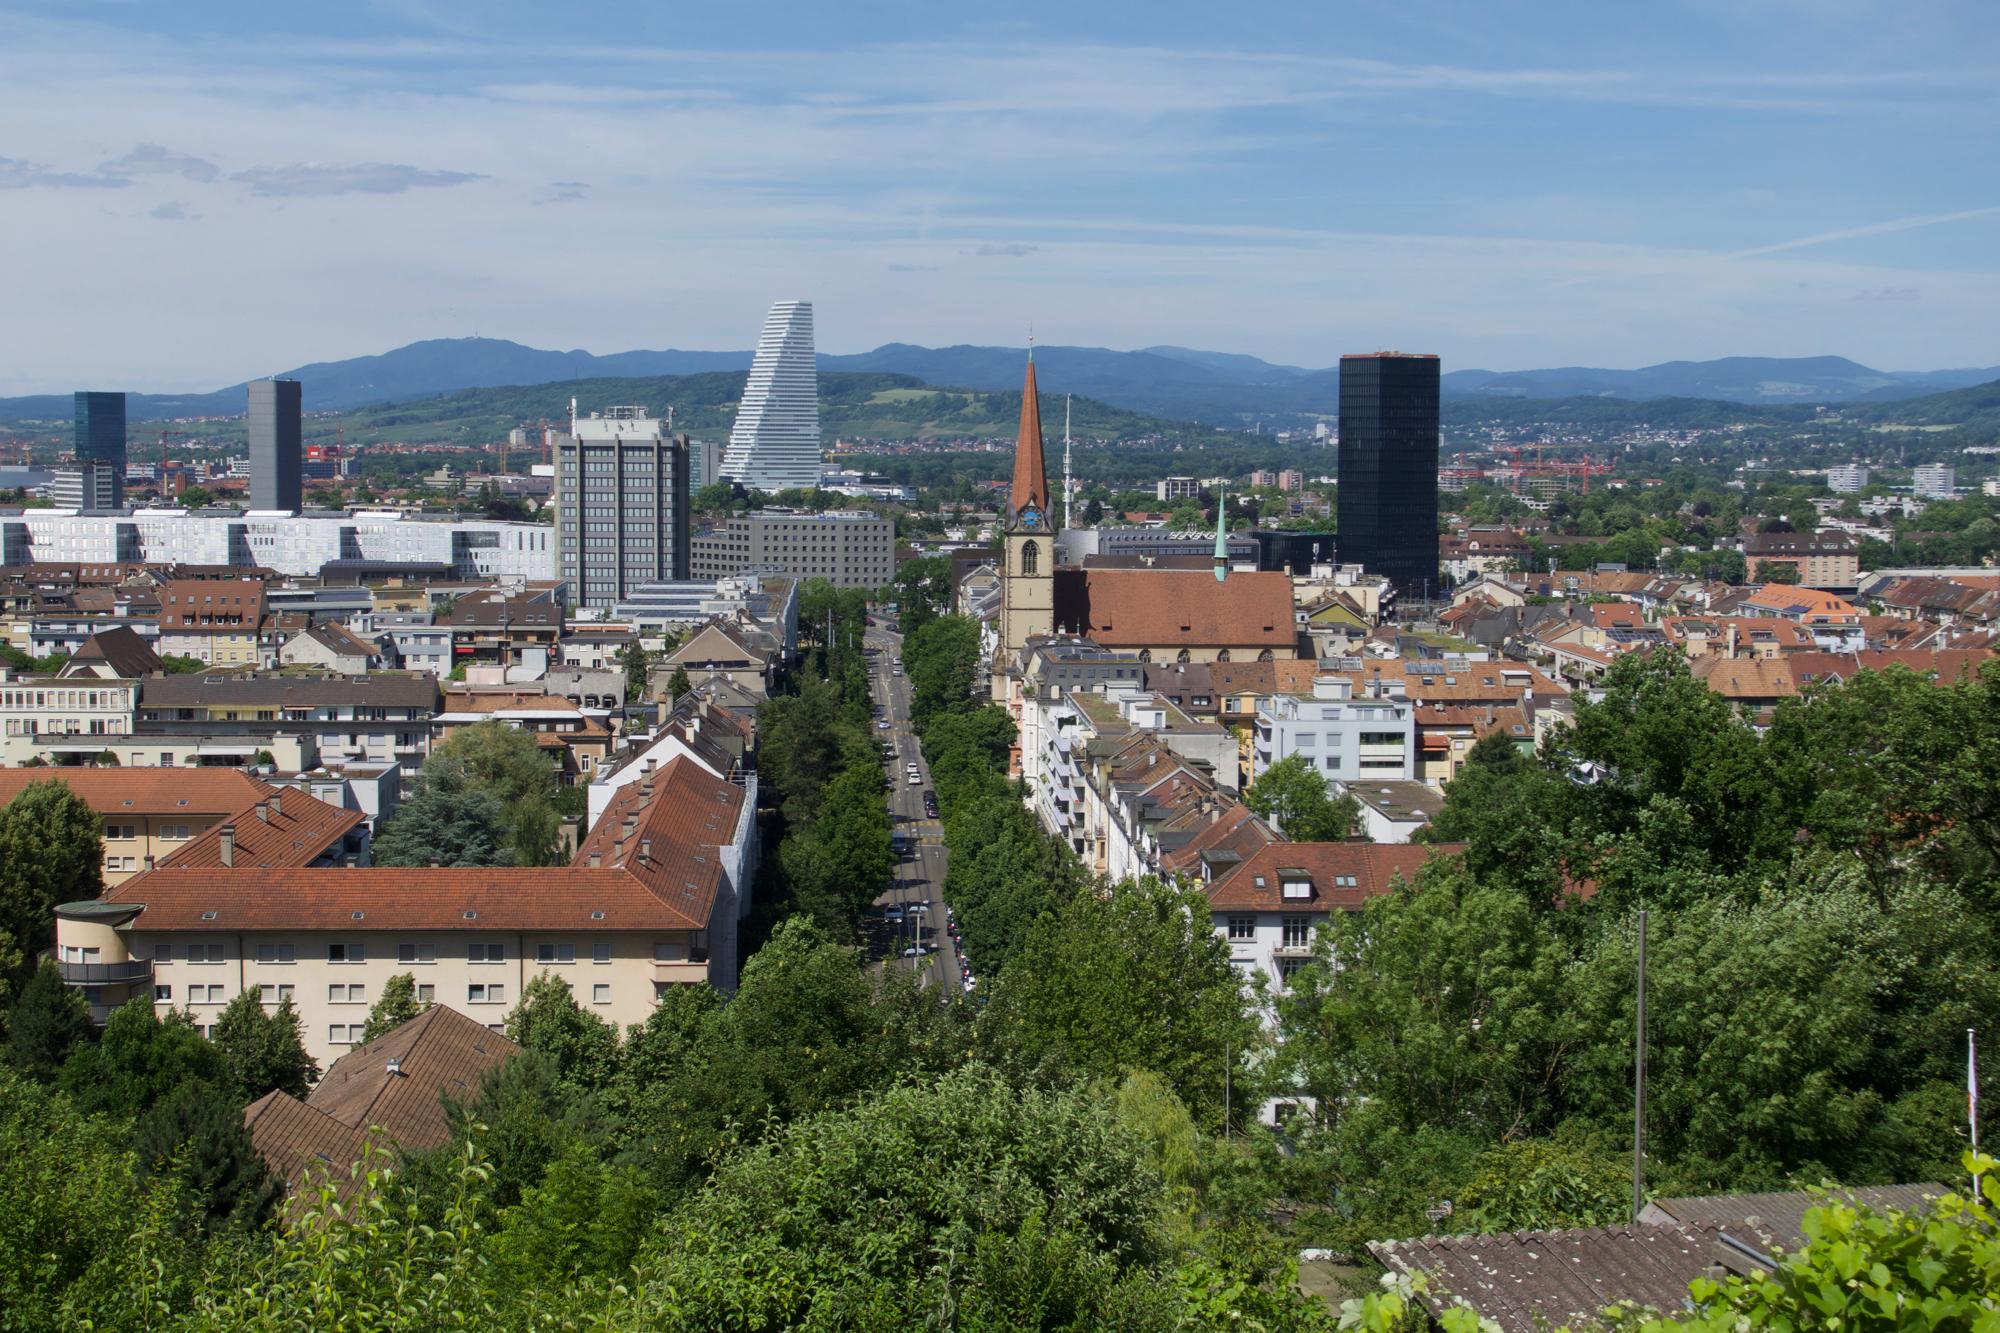 Blick vom Brunderholz runter af die Kunst- und Kunstmessestadt Basel.